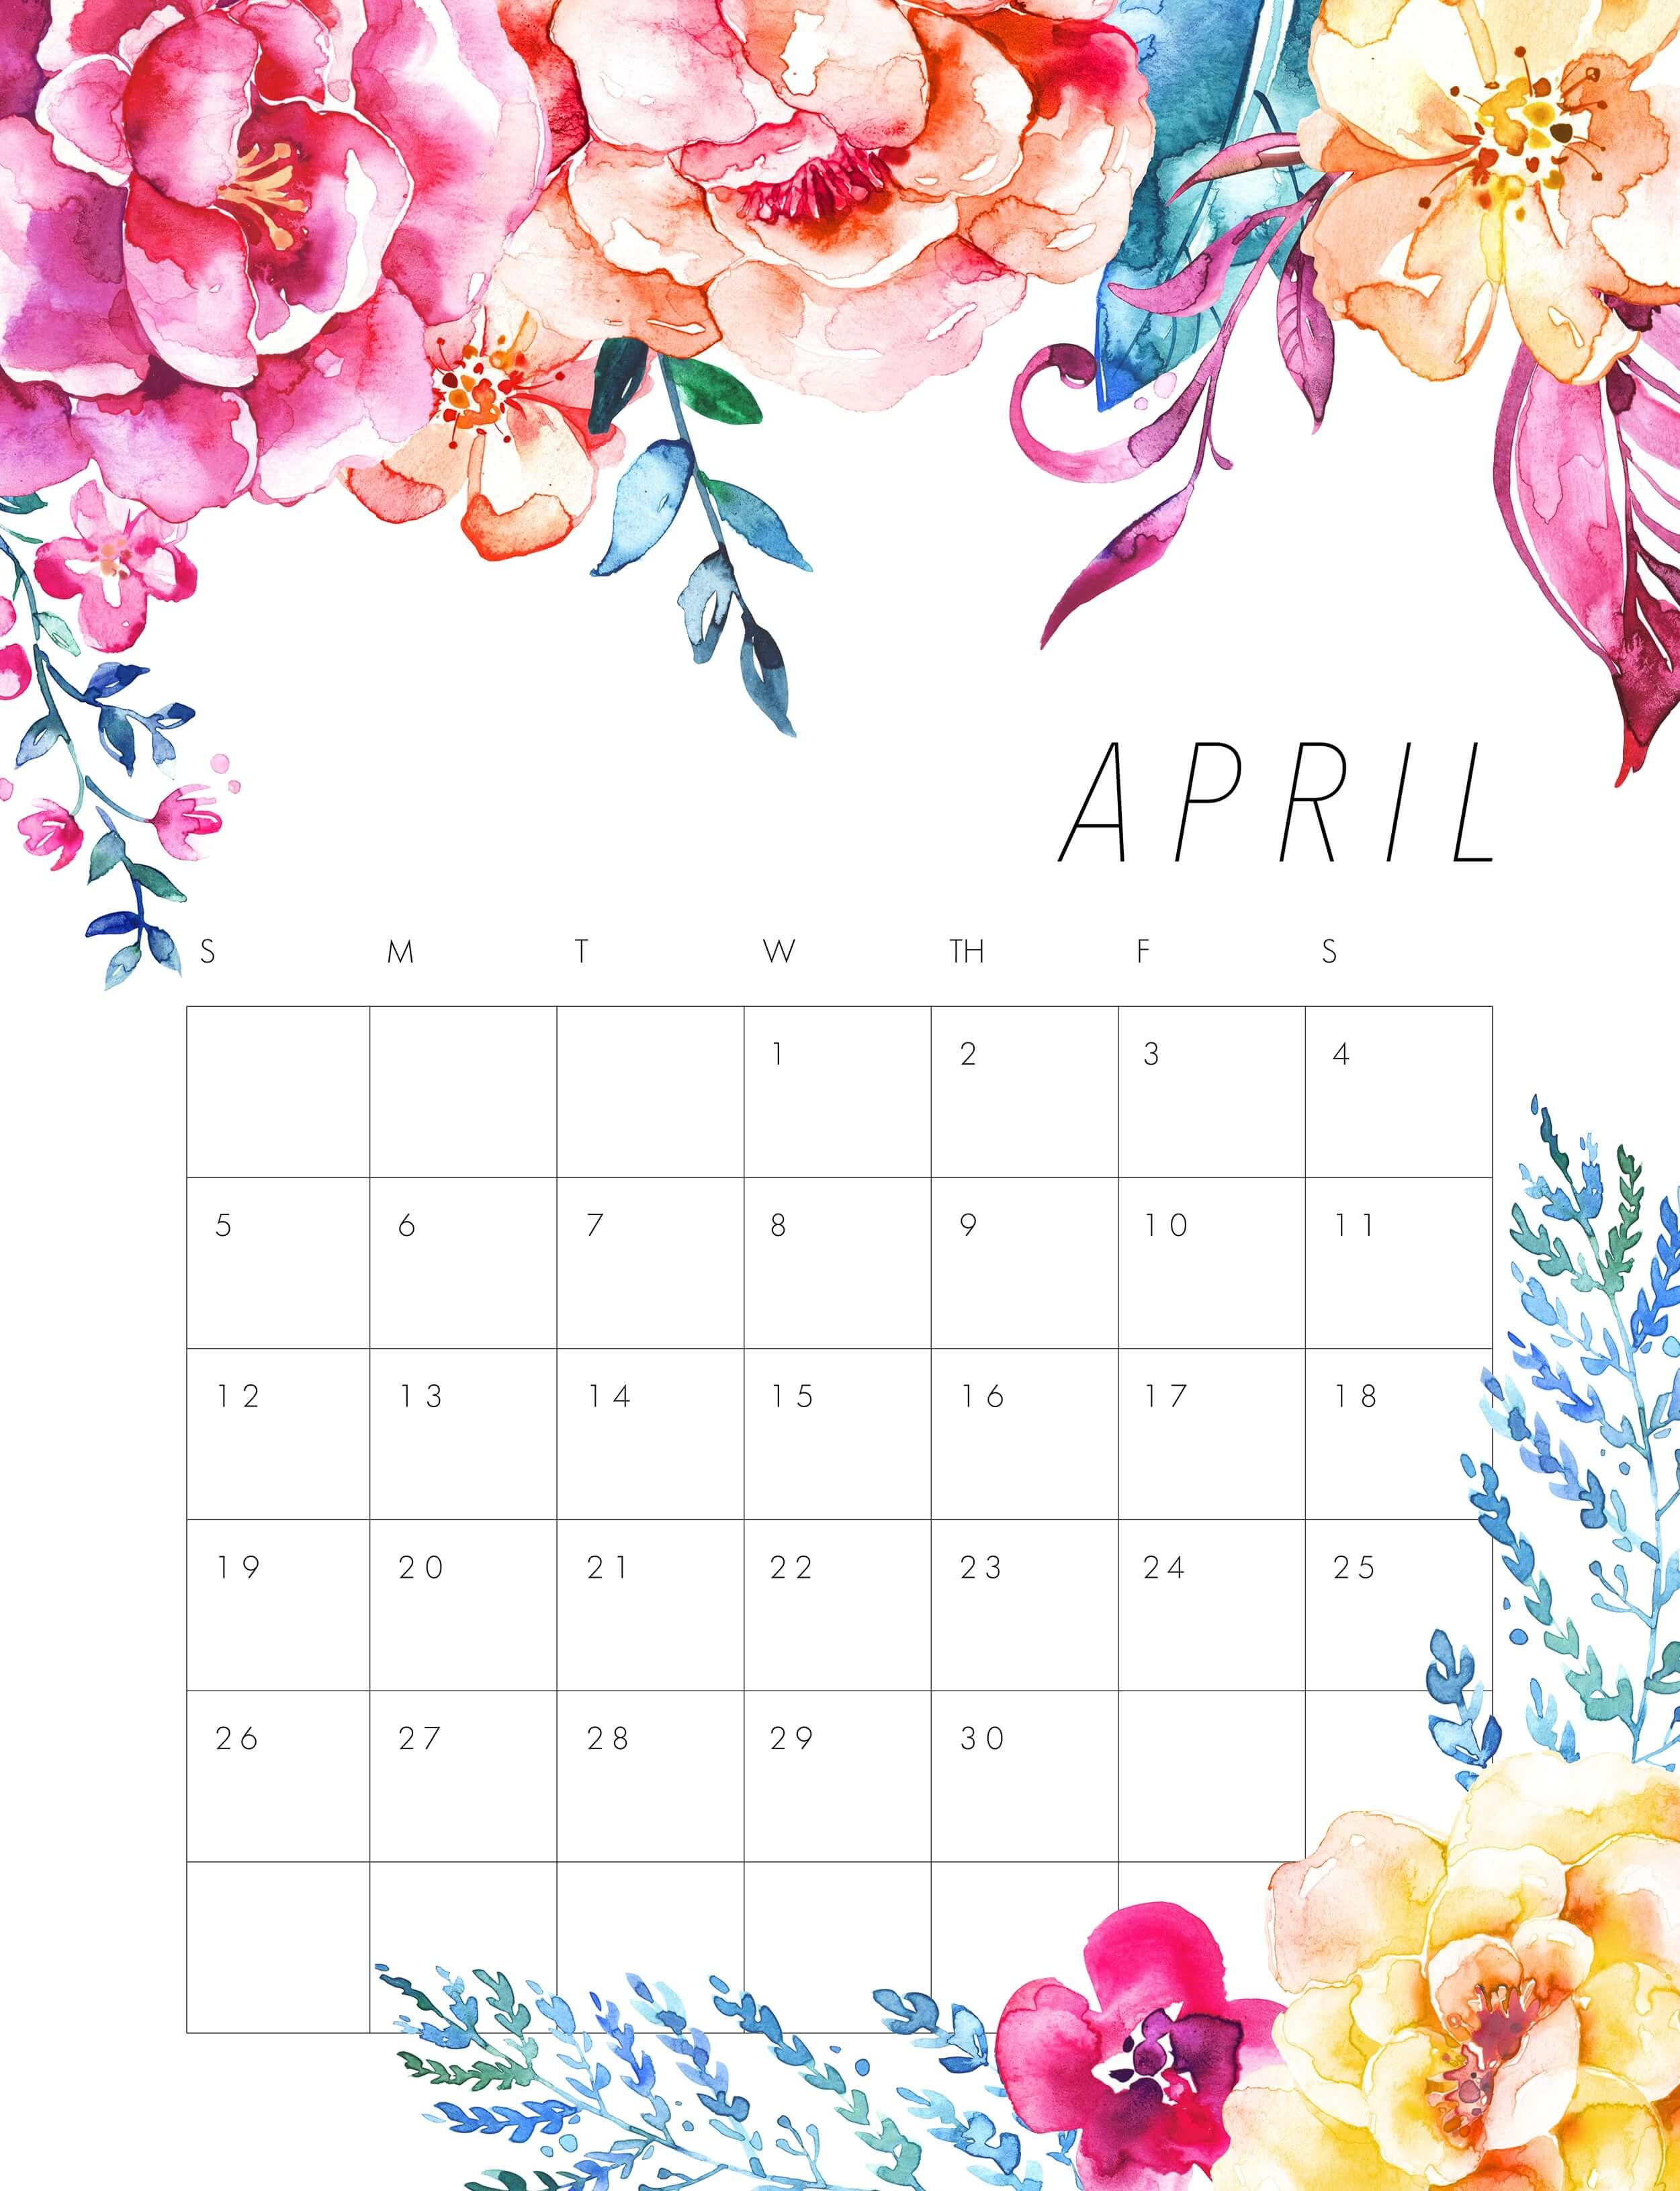 April 2020 Calendar Wallpaper